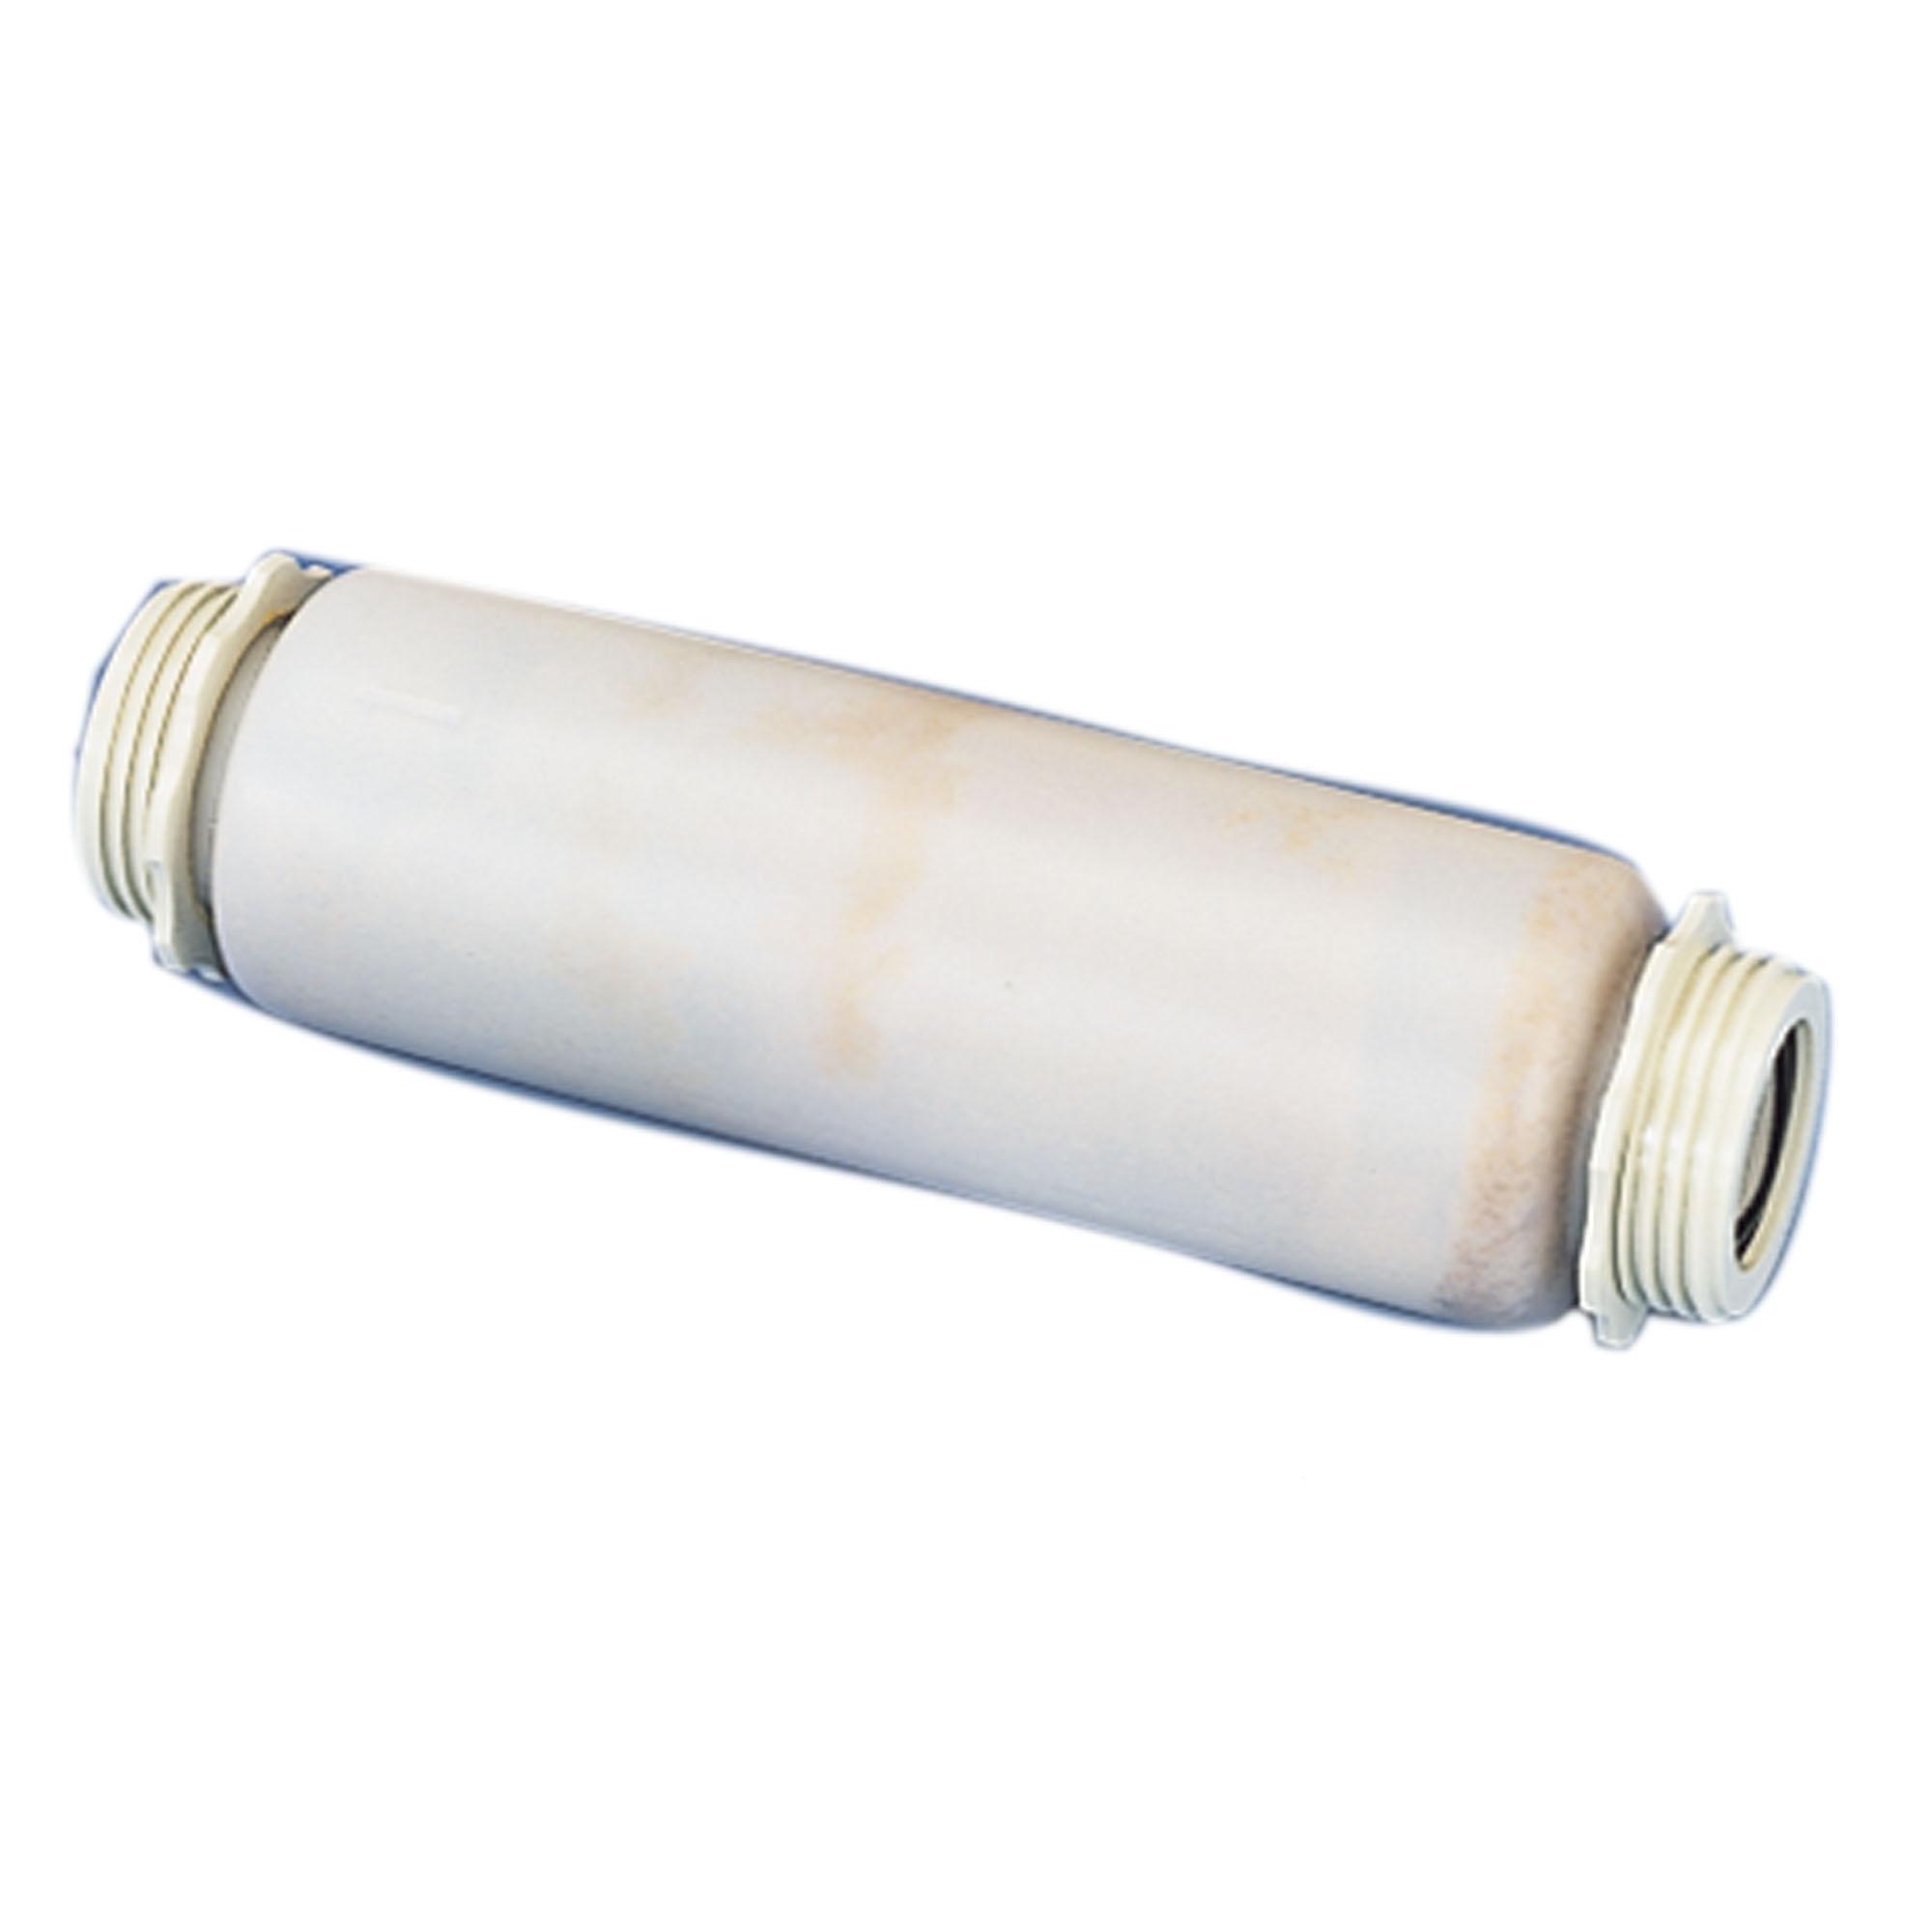 イオン交換樹脂 PP-101/102用(3本入)